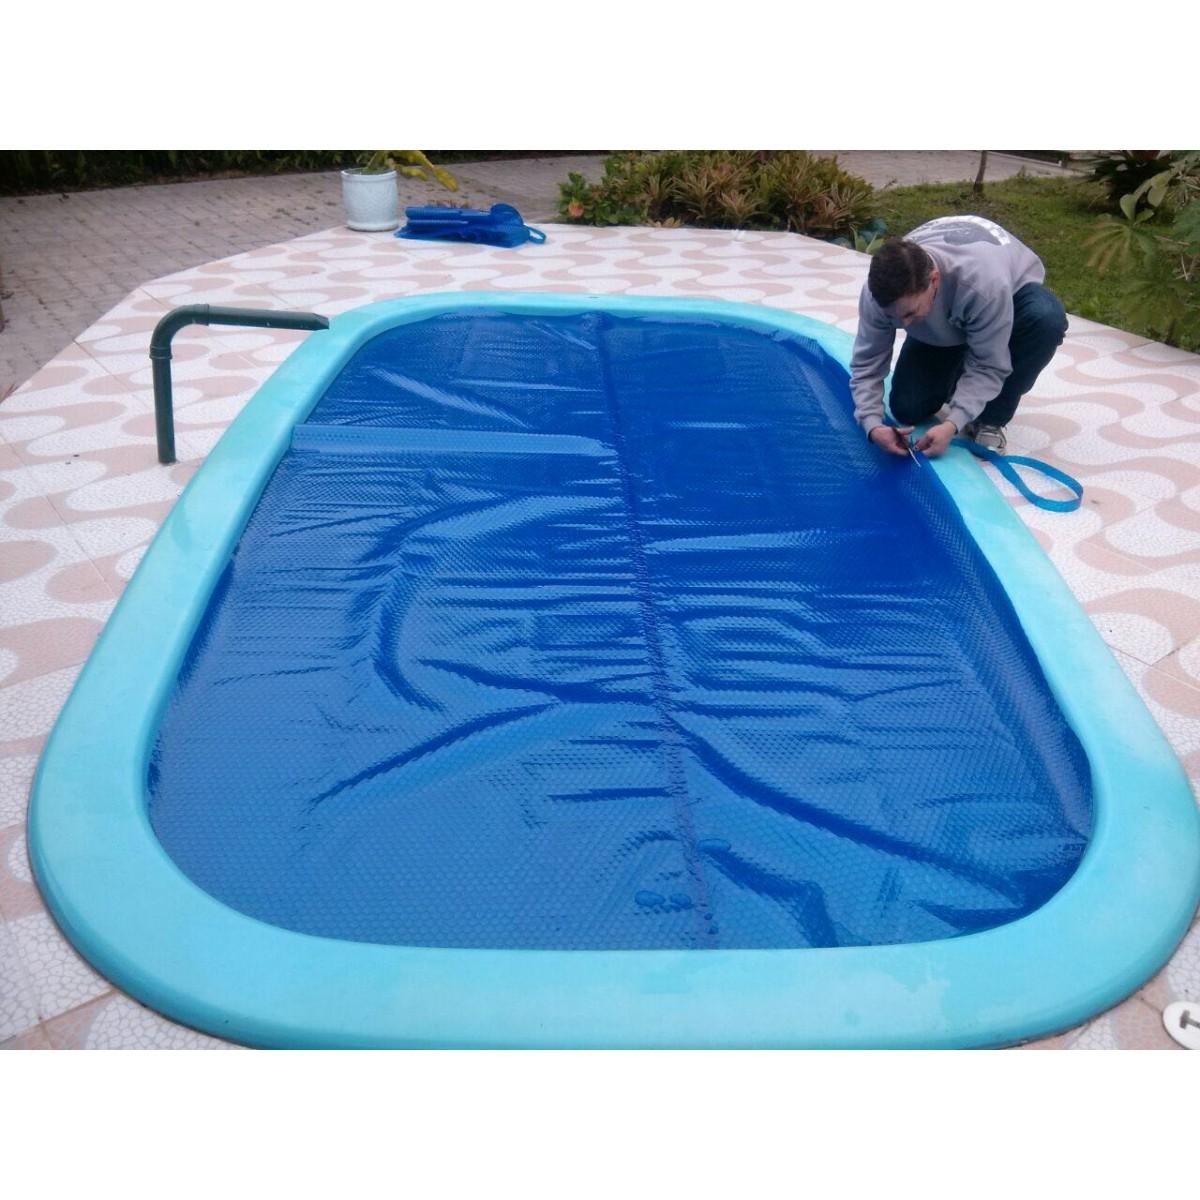 Capa t rmica 3 5x2 5 fabrica de capas para piscina for Fabrica de piscina